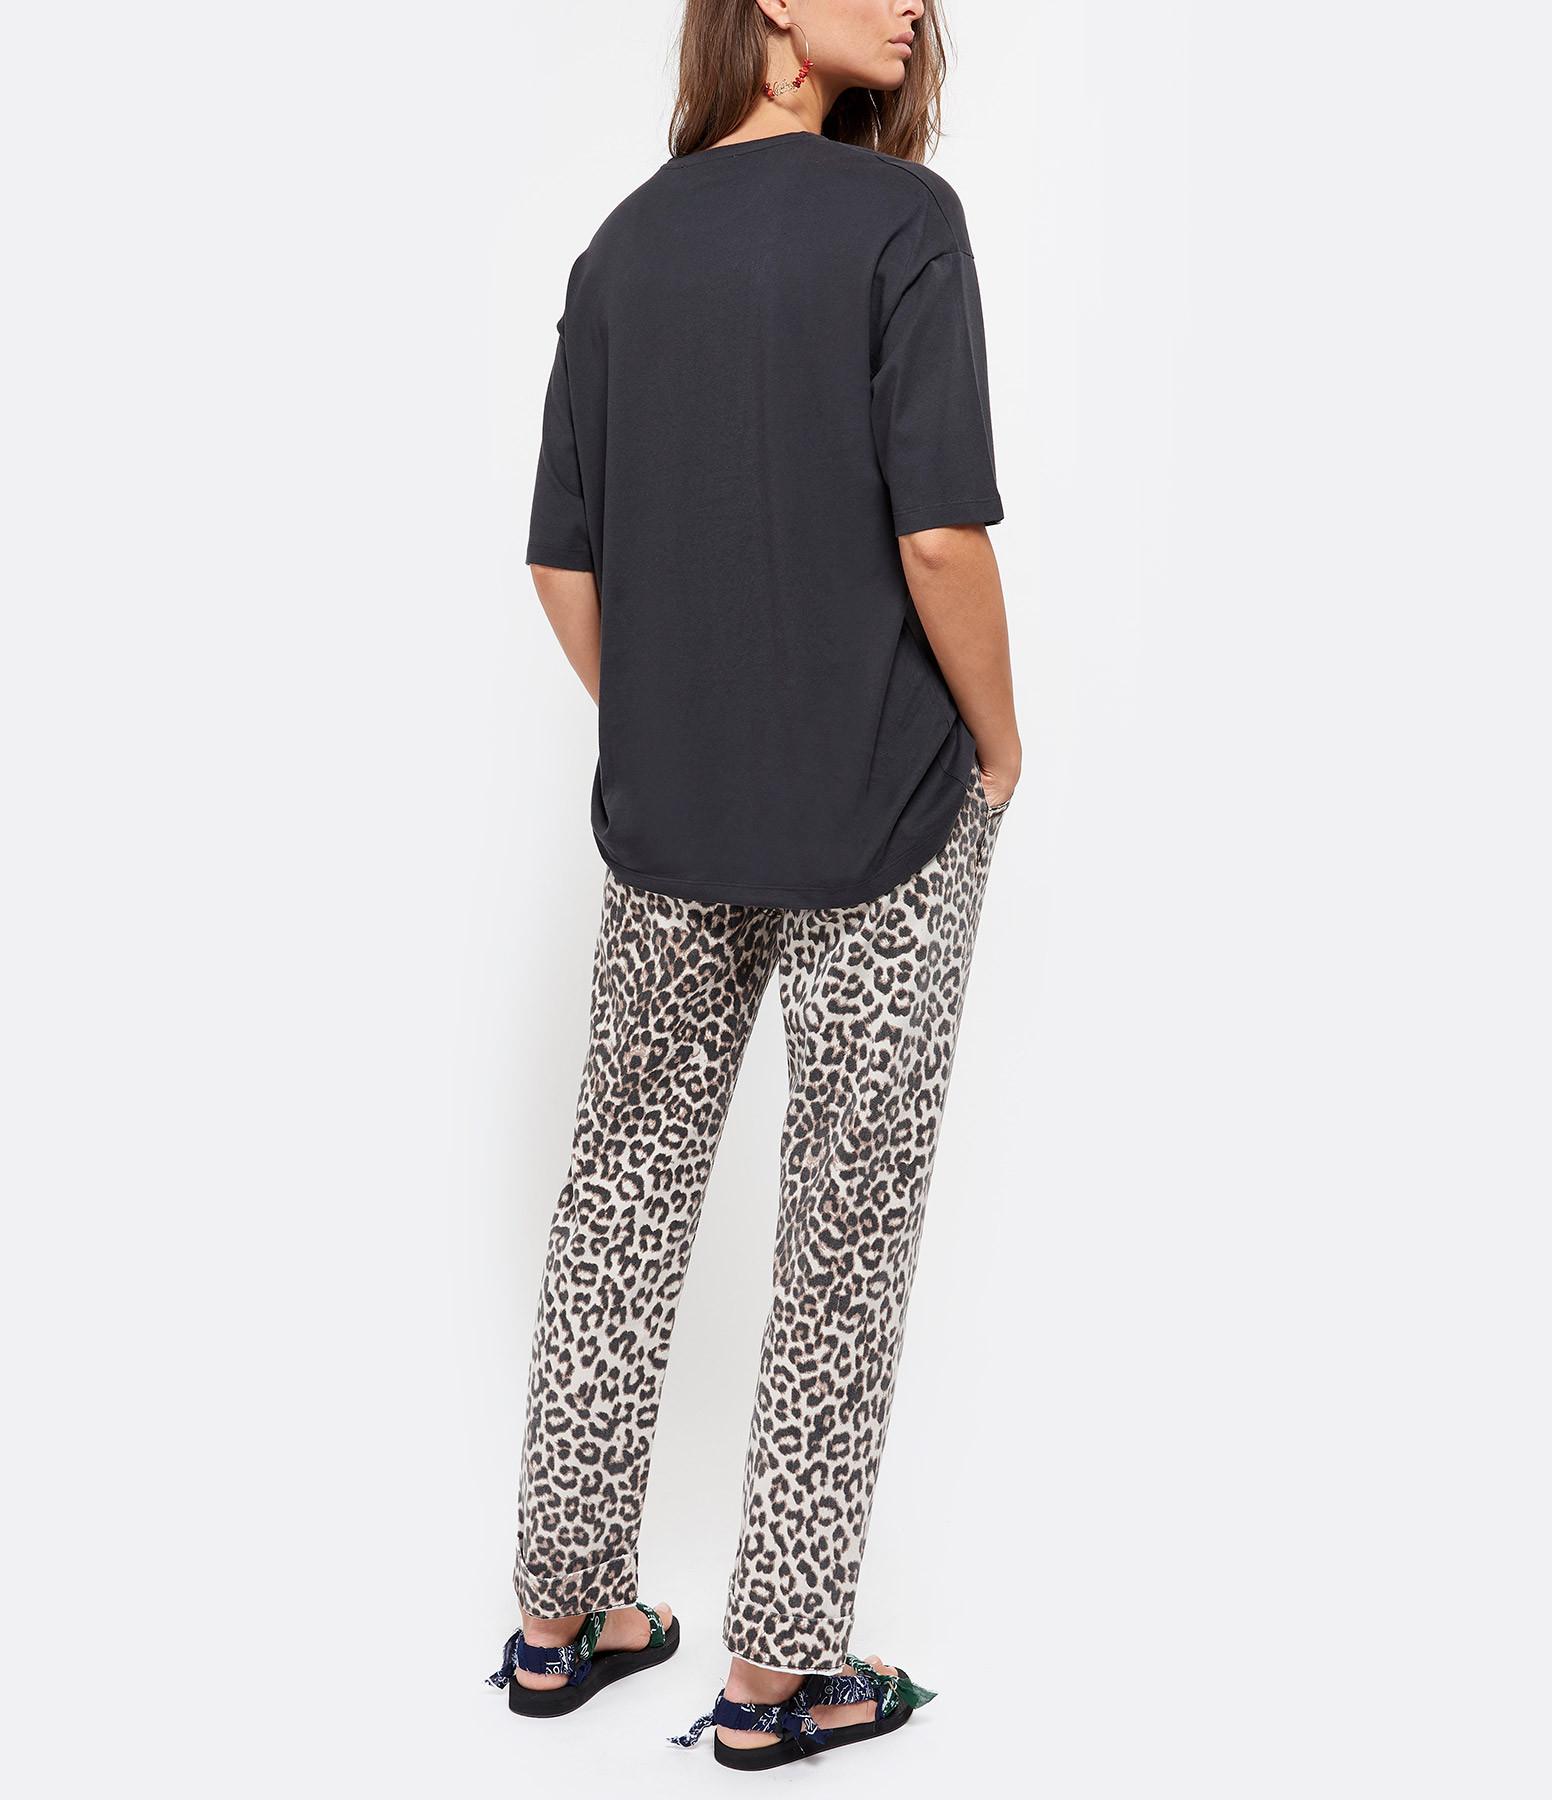 ROUGH STUDIOS - Tee-shirt Jenna Coton Gris